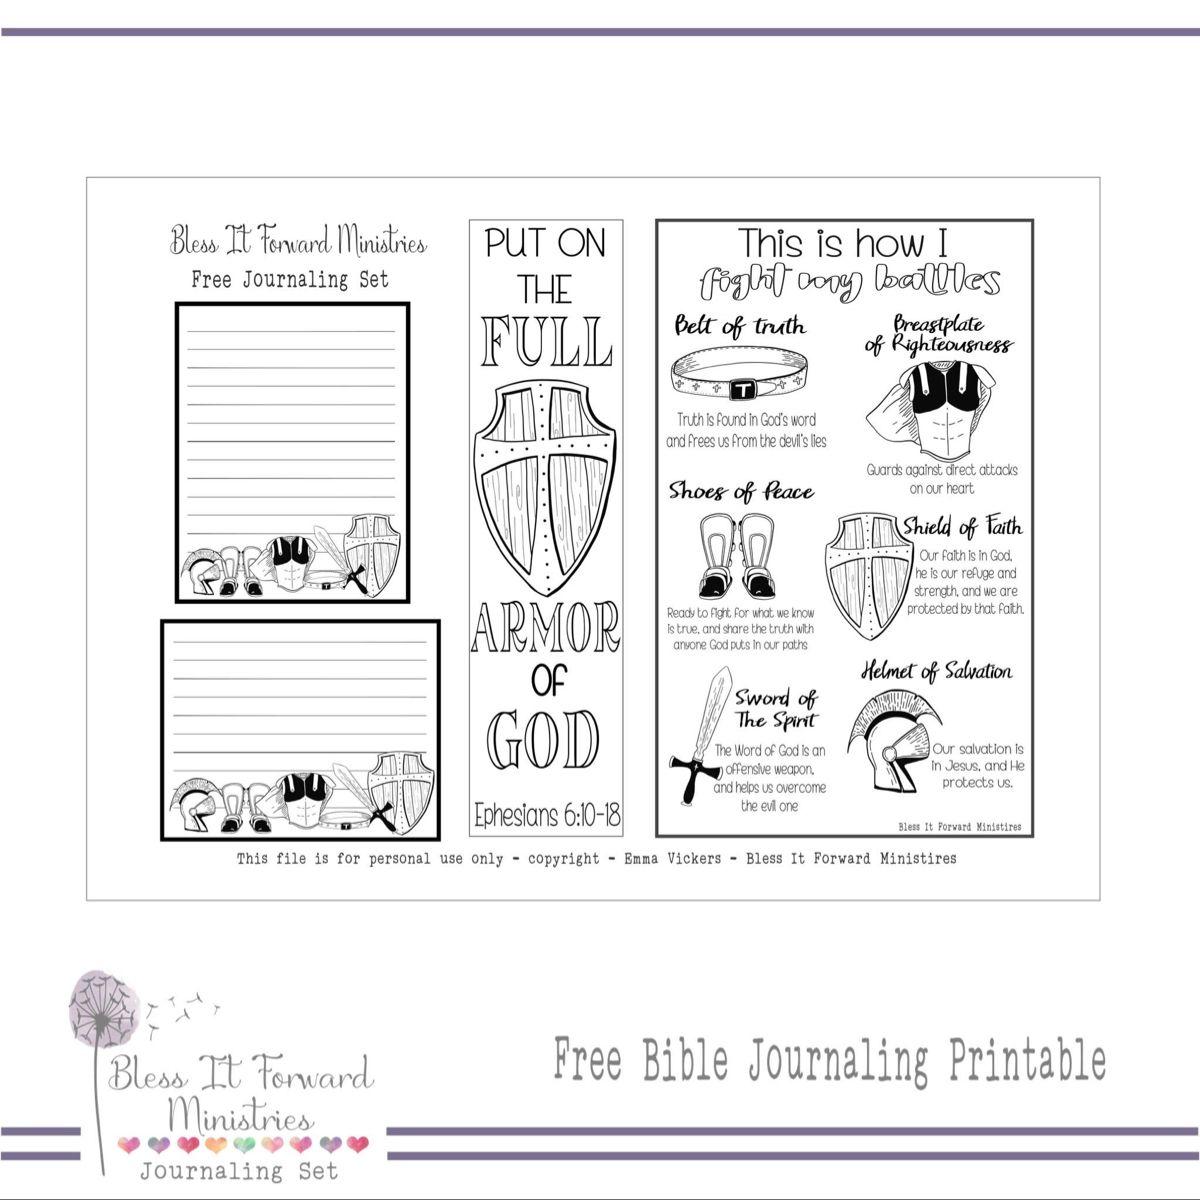 Pin on BIFministries Free Bible Journaling Printables